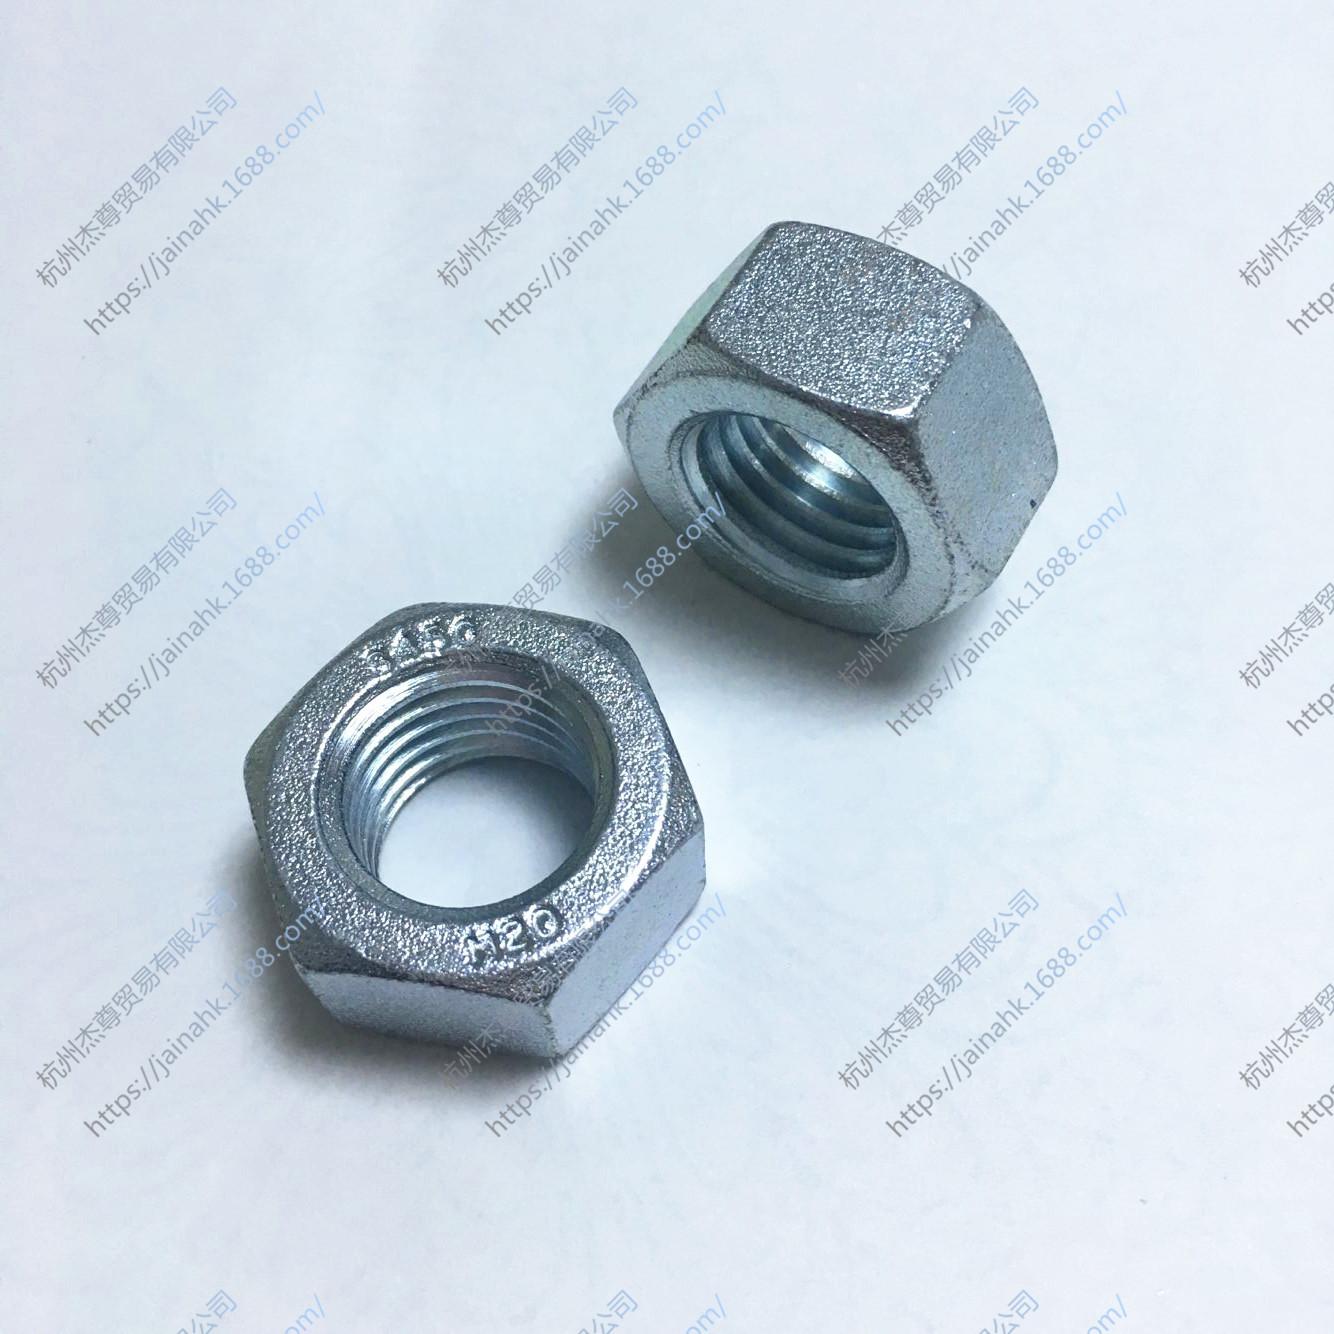 进口8.8级高强度螺母 六角螺母 M20X2.5 碳钢S45C JIS B1181标准 修